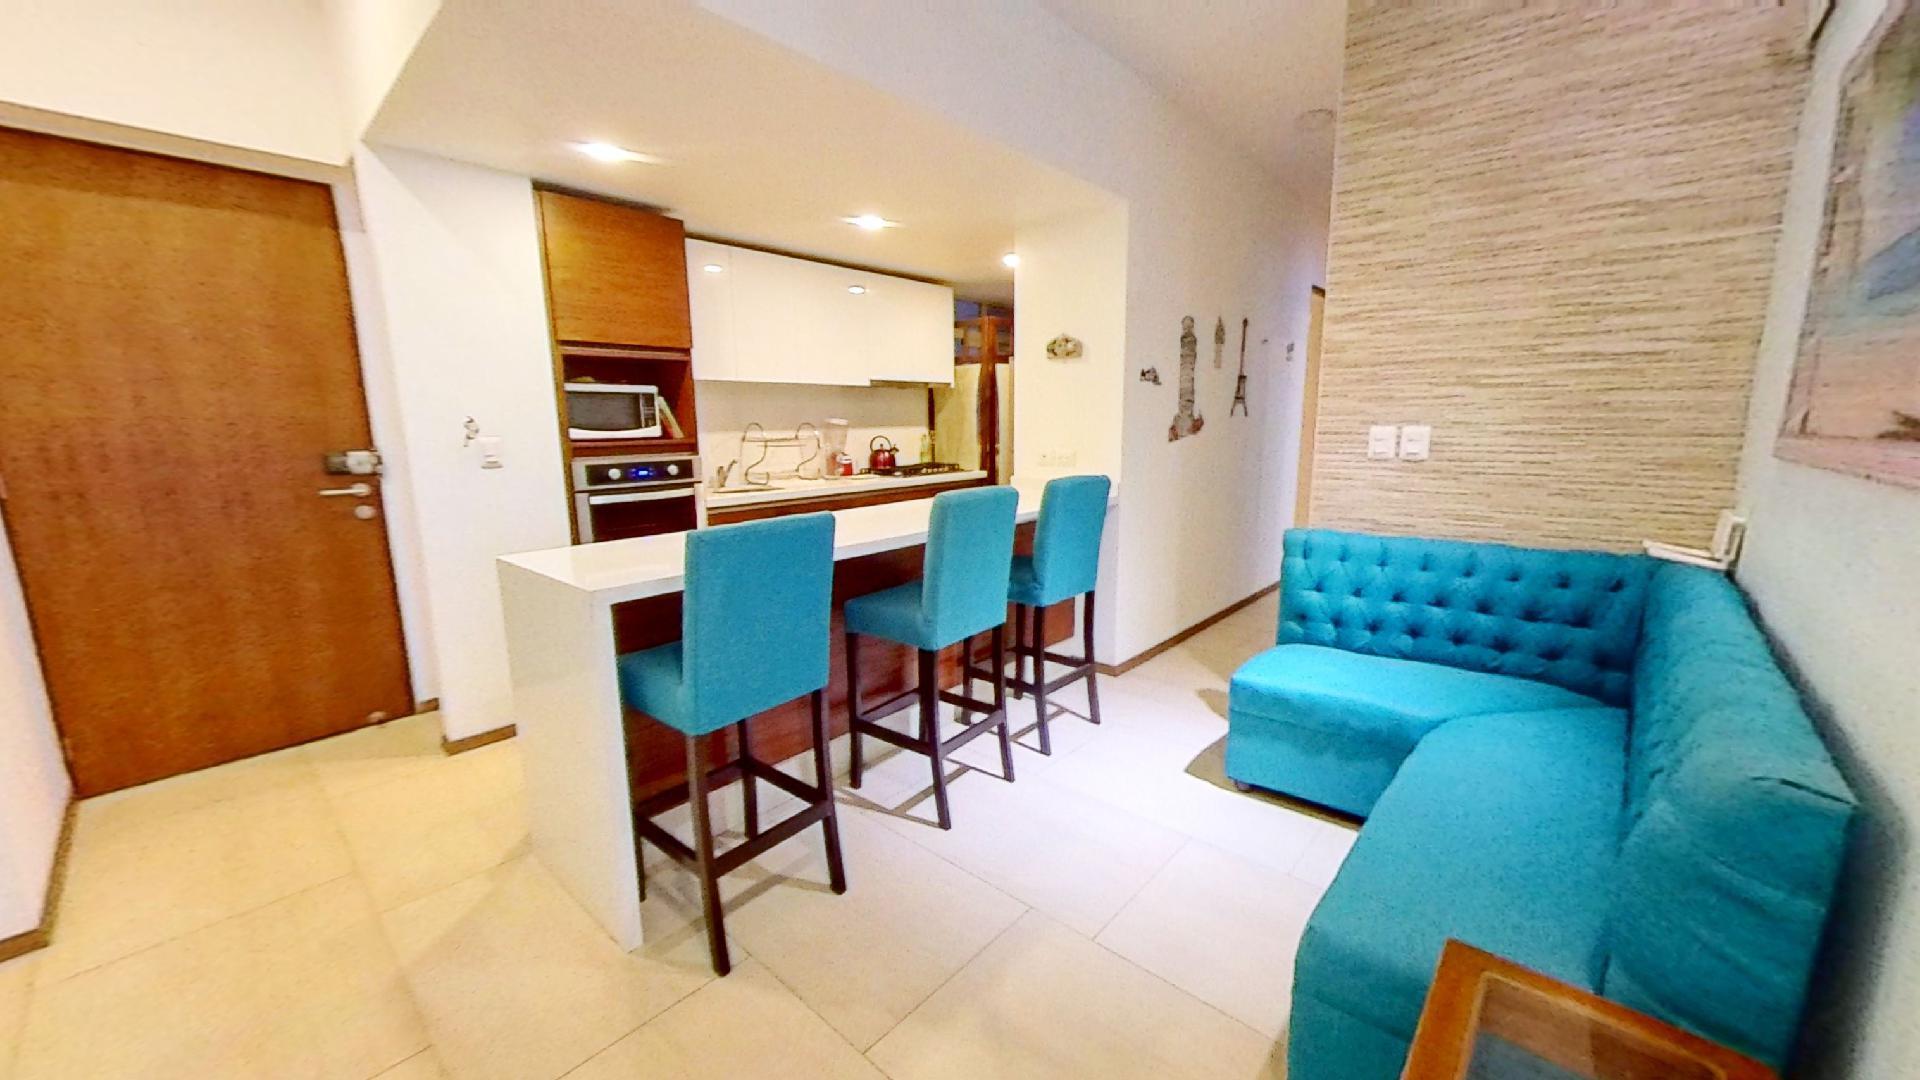 Venta departamento de 3 recámaras en City Towers Green, Colonia Santa Cruz. Sala-cocina